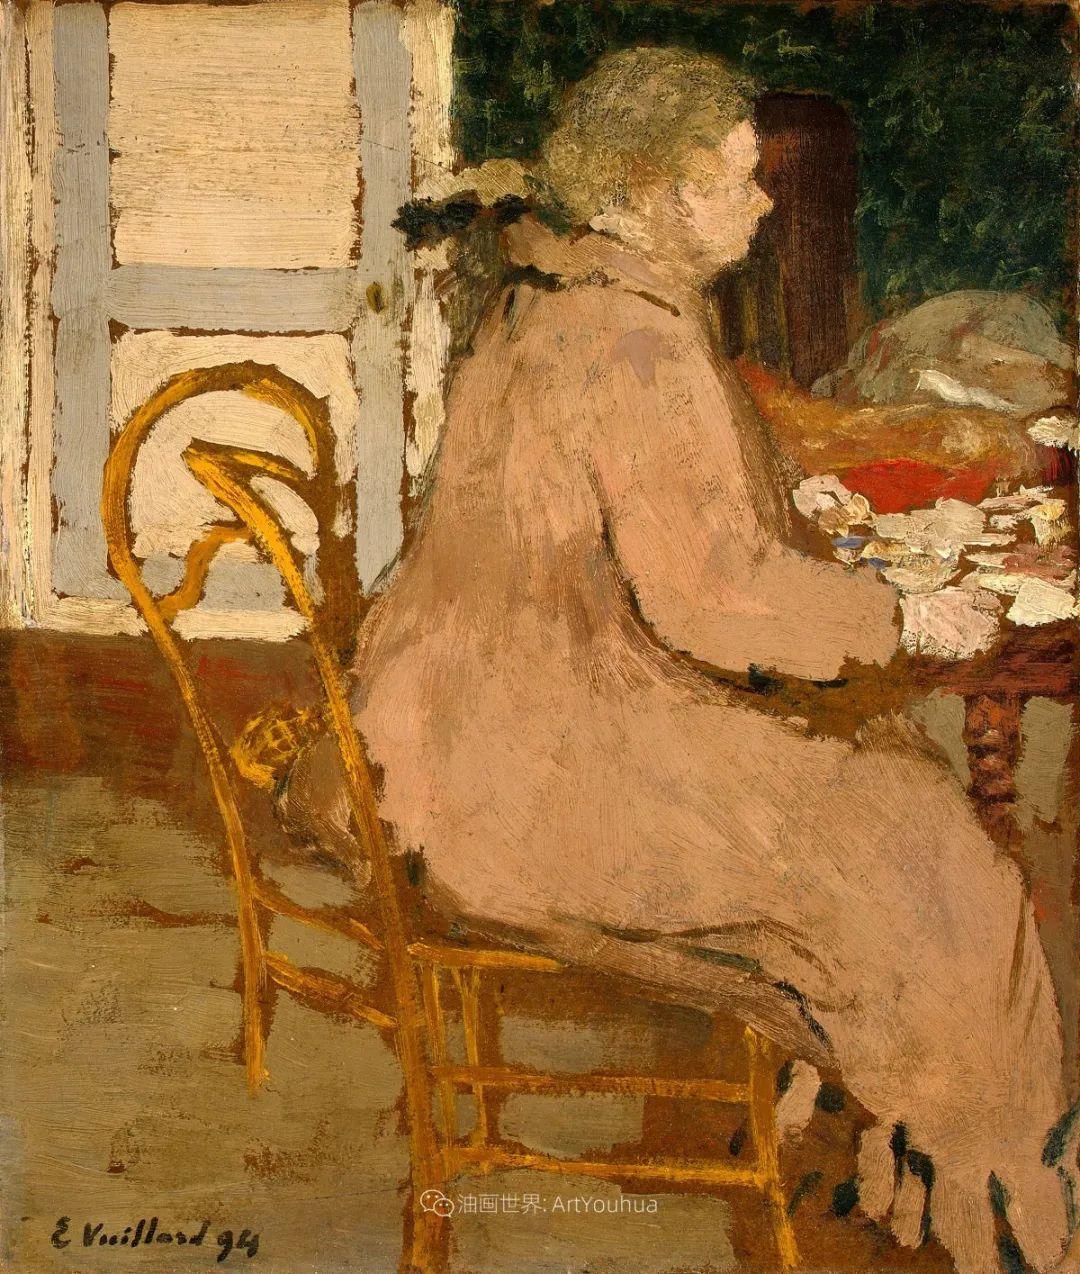 内景主义创始人,法国画家爱德华·维亚尔插图65